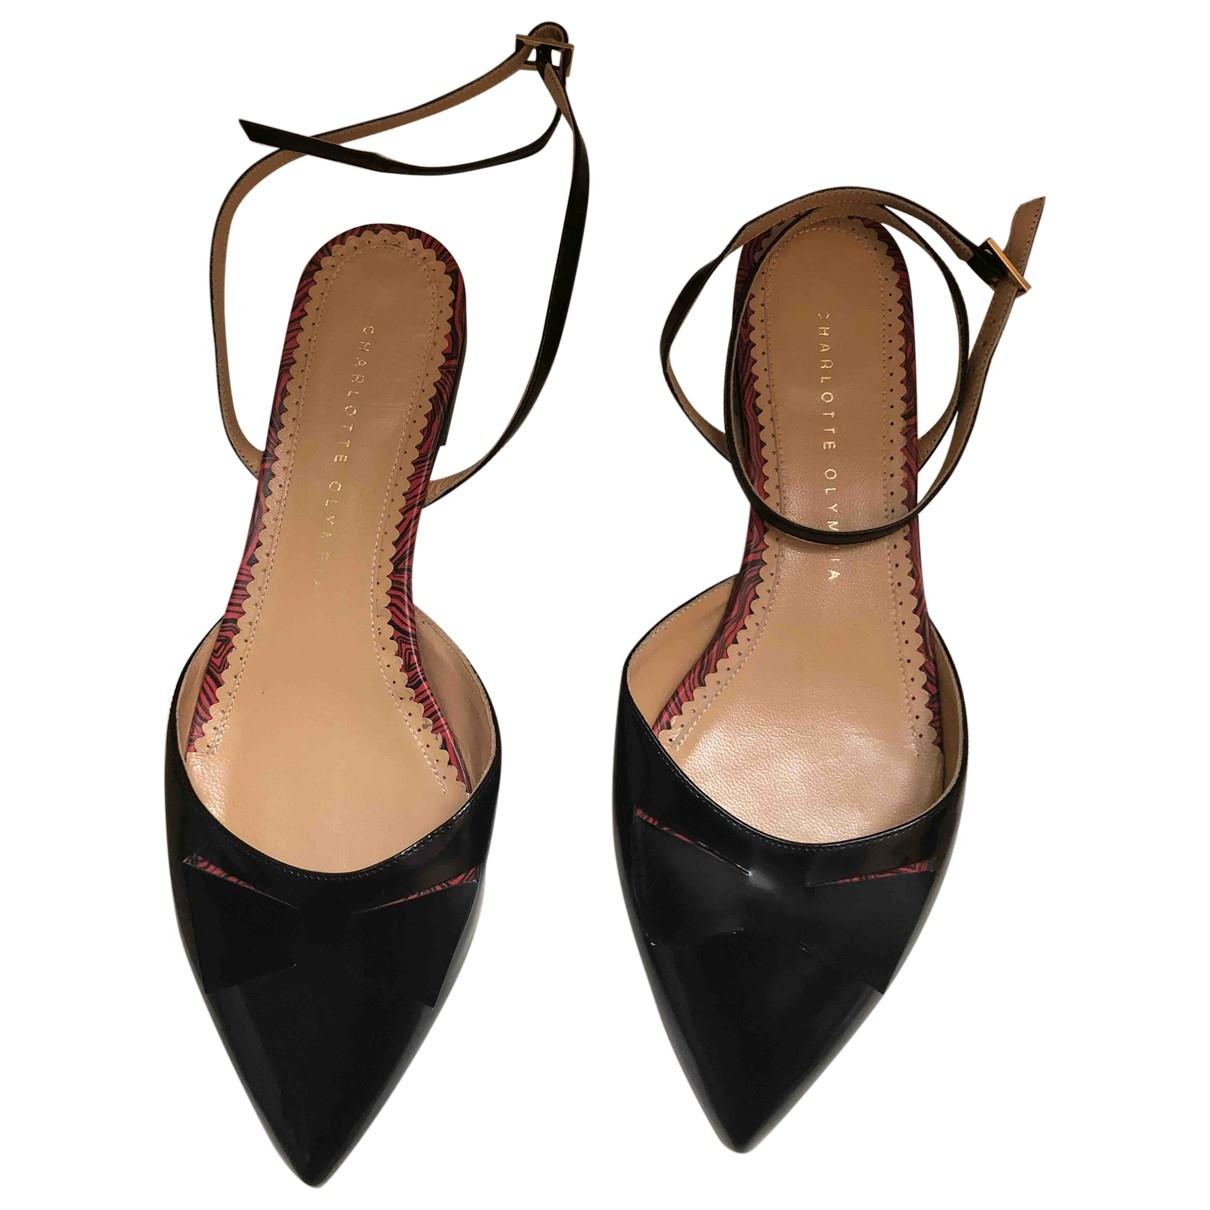 Charlotte Olympia - Sandales   pour femme en cuir verni - noir